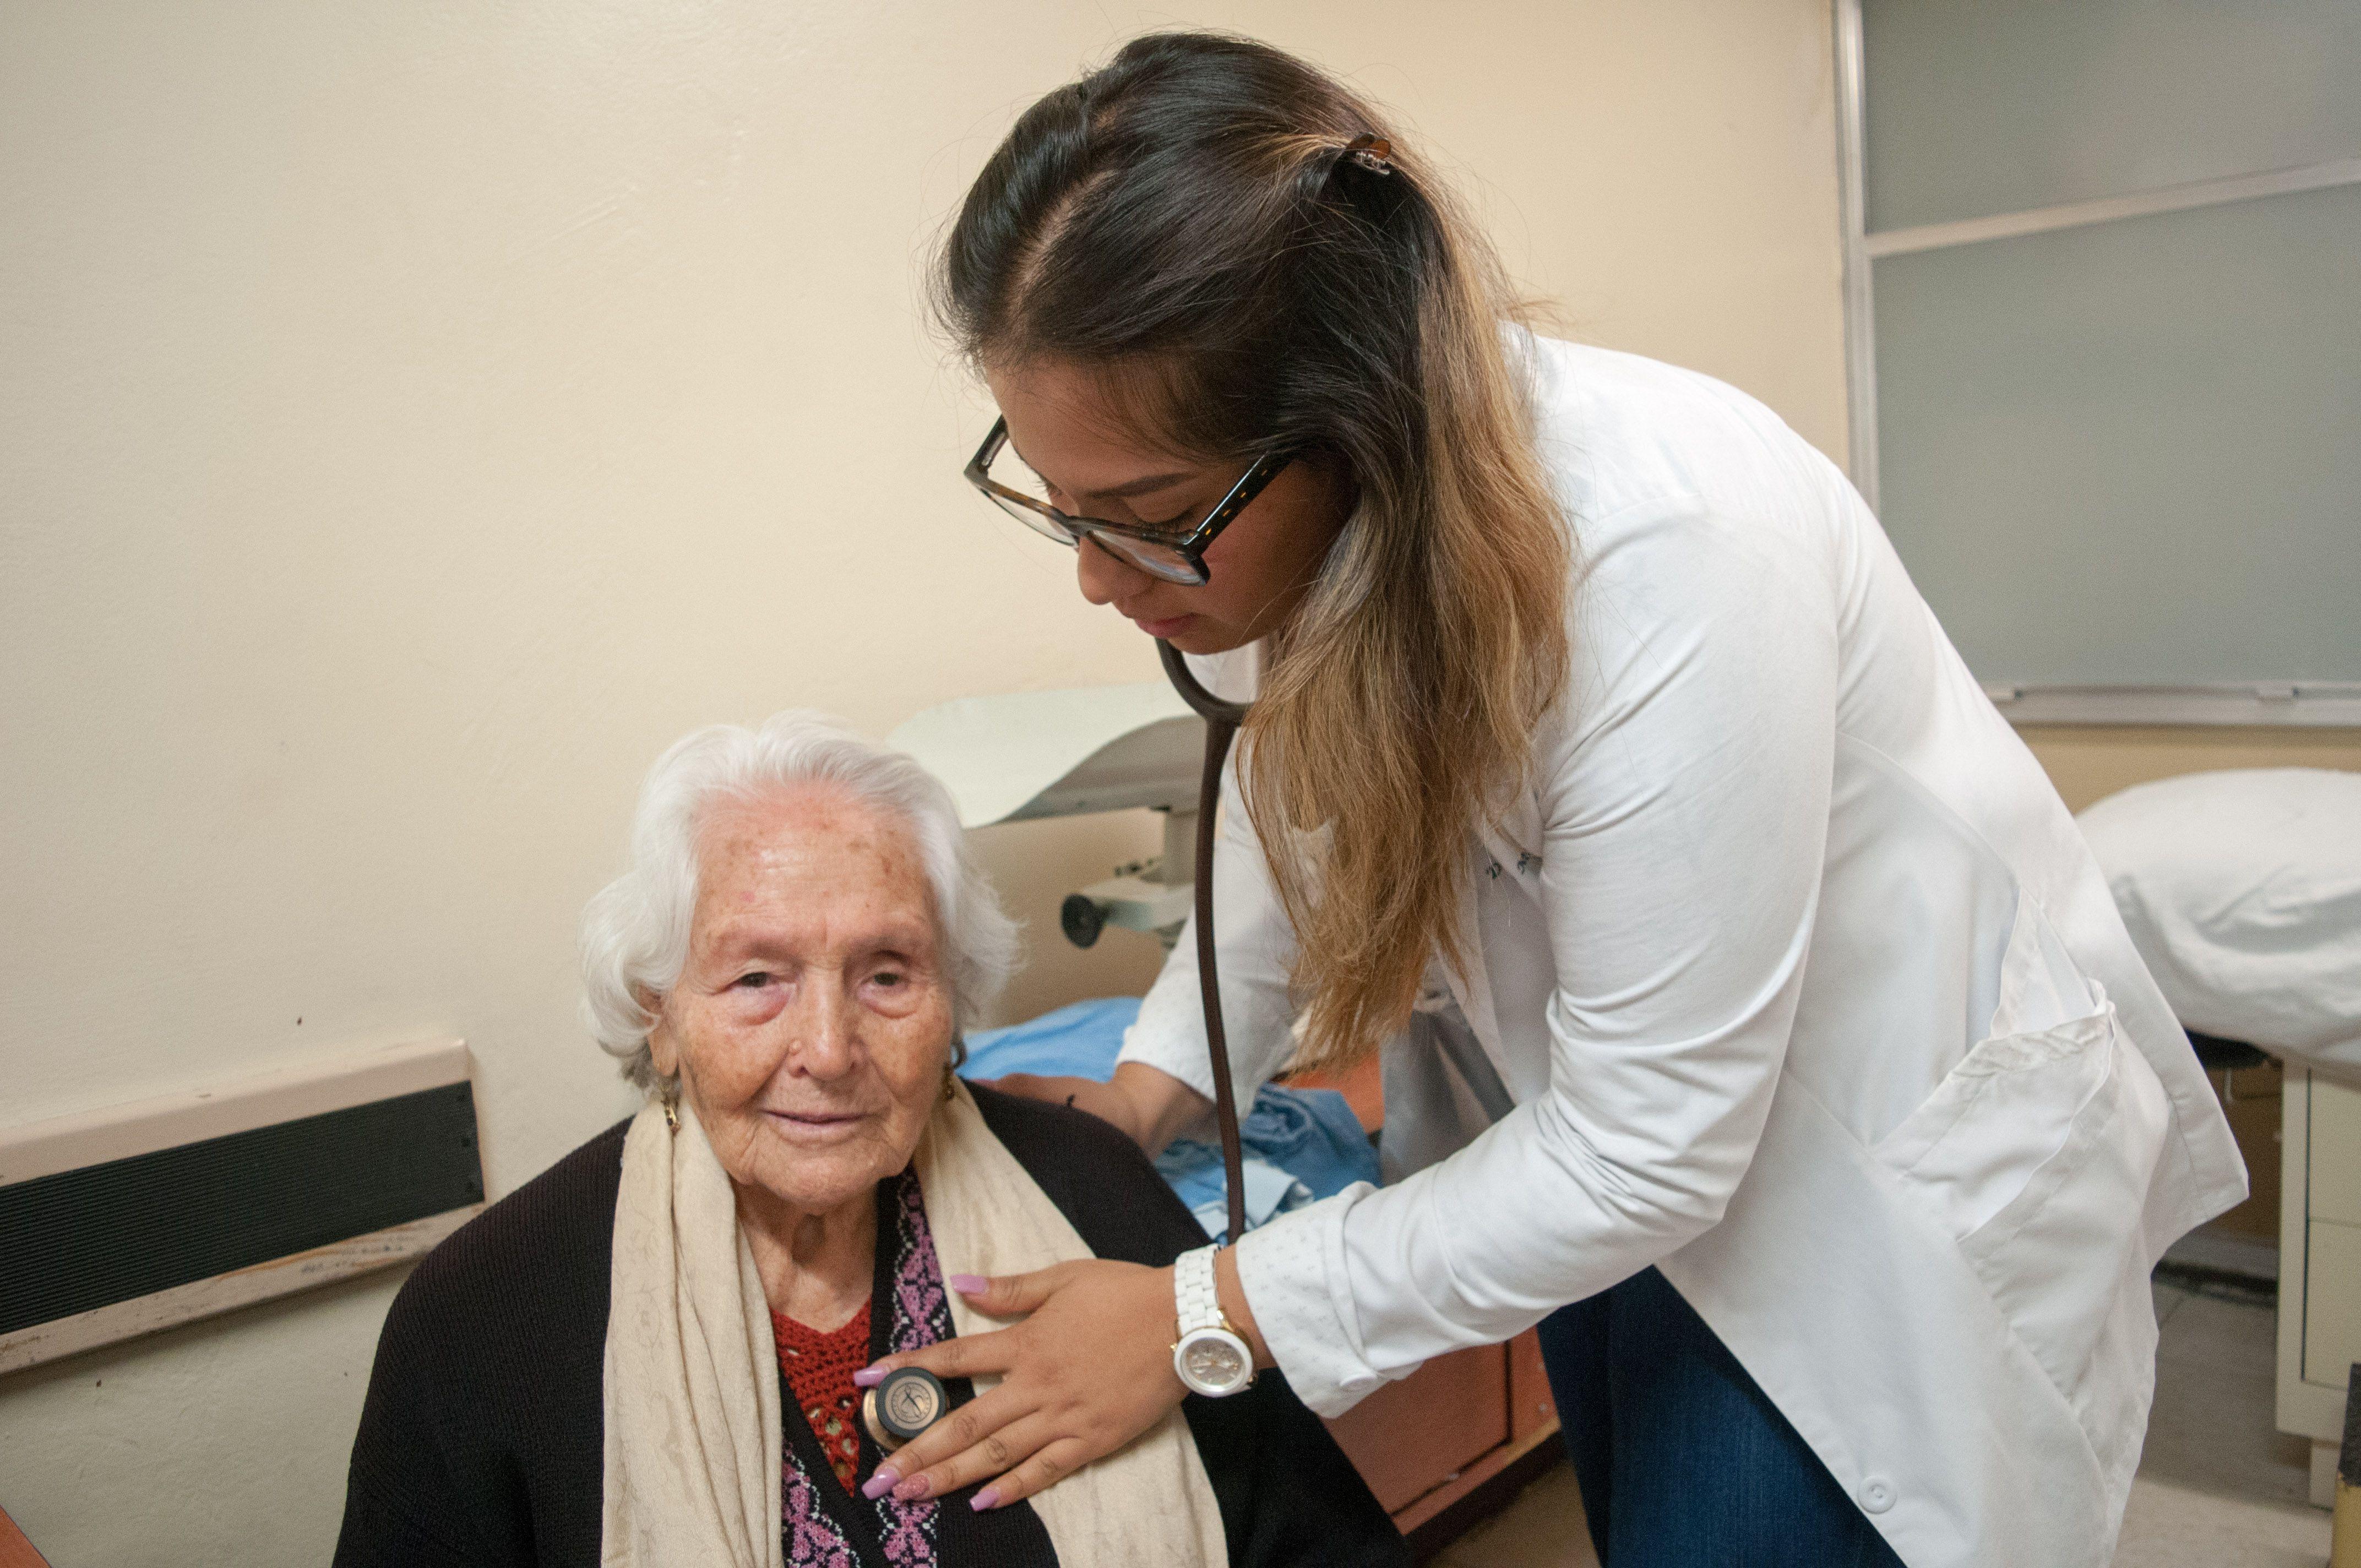 Las personas de edad avanzada puede contagiar más COVID-19, según un estudio científico - Foto DIEGO SIMÓN SÁNCHEZ /CUARTOSCURO.COM